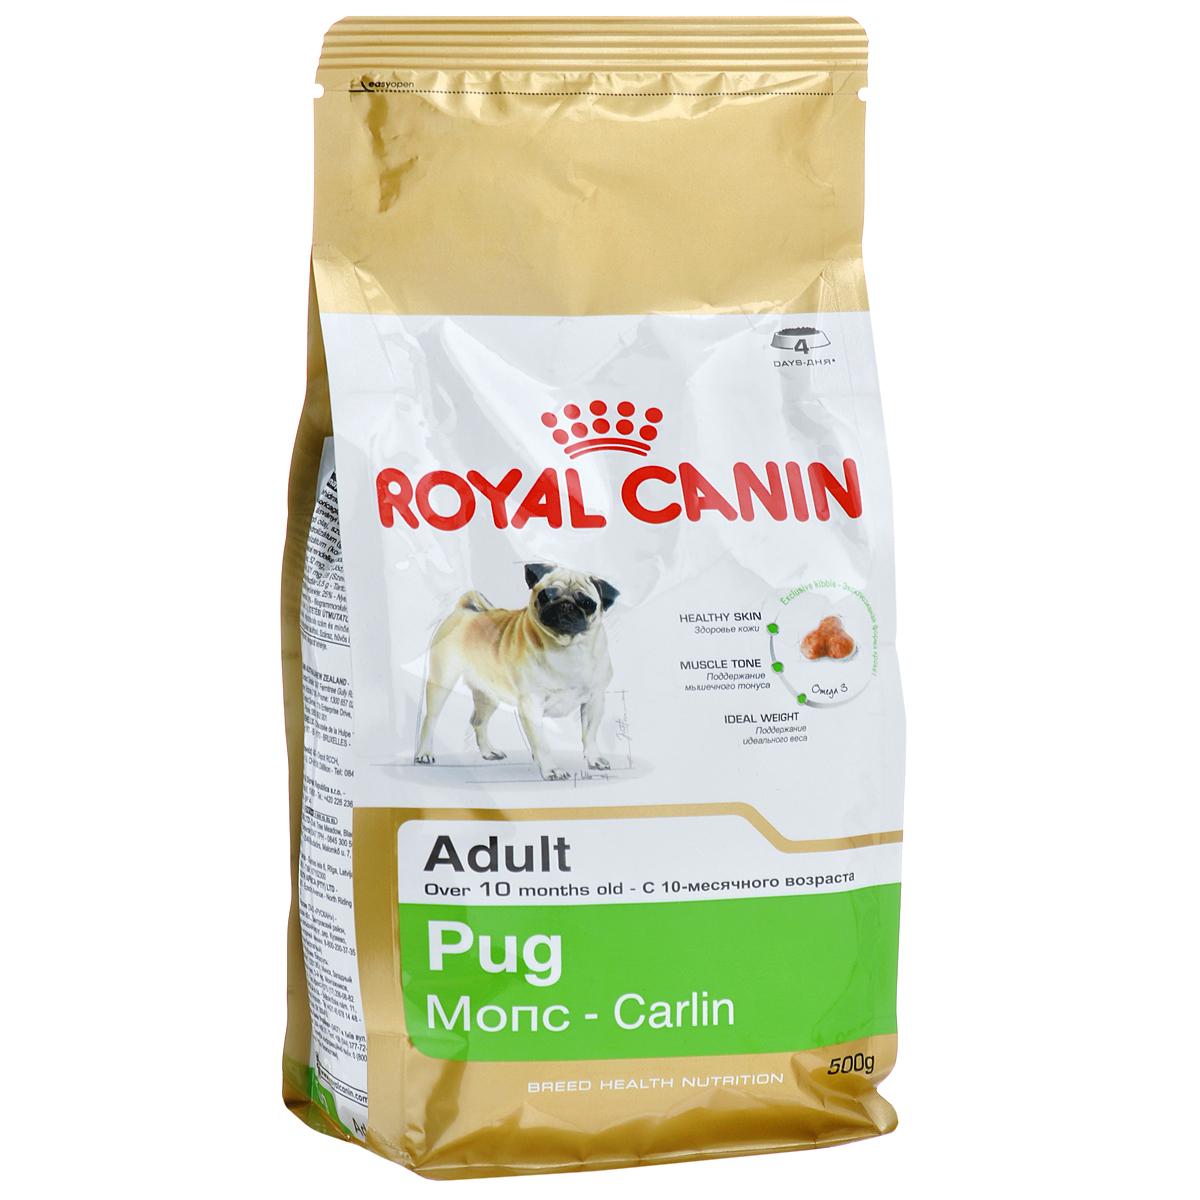 Корм сухой Royal Canin Pug Adult , для собак породы мопс от 10 месяцев, 500 г0120710Корм сухой Royal Canin Pug Adult  - полнорационное питание для собак породы мопс от 10 месяцев.Мопс — это истинно аристократическая порода. Очаровательные небольшие собаки издавна были любимцами знати благодаря своему спокойному нраву и сильной привязанности к хозяину. При подборе корма для мопсов важно учесть специфическое строение их челюсти: чаще всего обычные крокеты им очень неудобно захватывать и разгрызать, что приводит к нарушениям пищеварительной системы и мочеиспускательного канала.Здоровая кожа.Новая формула поддерживает кожу собаки в идеальном состоянии.Мышечный тонус.Специализированный корм для мопсов способствует поддержанию мышечного тонуса. Идеальный вес.Продукт способствует гармоничному росту при сохранении идеального веса собаки благодаря снижению уровня жиров. Особая форма крокетов.Крокеты имеют форму трилистника, вследствие чего собаке становится гораздо удобнее их захватывать. Состав: рис, дегидратированное мясо птицы, кукурузная мука, кукуруза, животные жиры, пшеничная мука, изолят растительного белка, кукурузный глютен, гидролизованные животные белки, свекольный жом, растительная клетчатка, микроэлементы, растительные масла (сои и бурачника лекарственного), рыбий жир, фруктоолигосахариды, L-лизин, DL-метионин, натрия полифосфат, таурин, гидролизованные ракообразные (источник глюкозамина), L-карнитин, гидролизованные хрящи (источник хондроитина). Добавки (в 1 кг): йод — 5,6 мг,селен — 0,27 мг,медь — 15 мг,железо — 185 мг,марганец — 82 мг,цинк — 235 мг,витамин A — 31000 МЕ,витамин D3 — 800 МЕ,витамин E — 600 мг,витамин C — 300 мг,витамин B1 — 27 мг,витамин B2 — 48,6 мг,витамин B3 — 482,8 мг,витамин B5 — 145,2 мг,витамин B6 — 75,7 мг,витамин B12 — 0,13 мг. Товар сертифицирован.